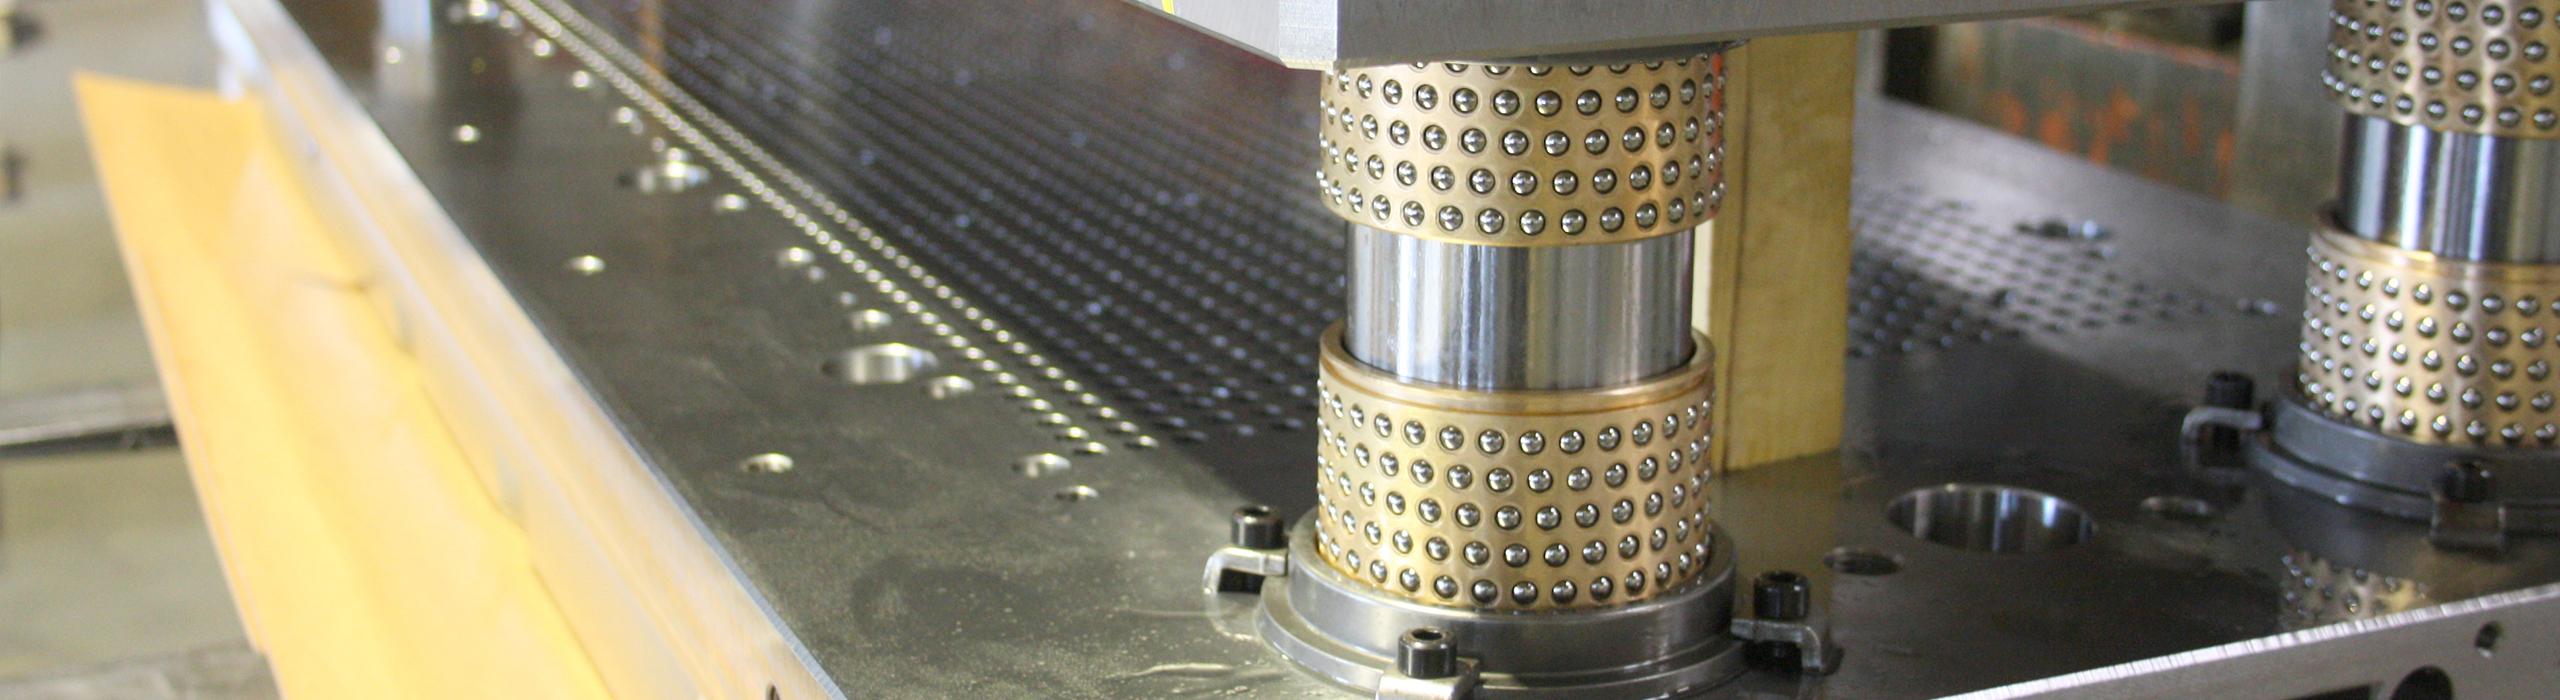 RSB-Stahl-werkzeugbau-header1